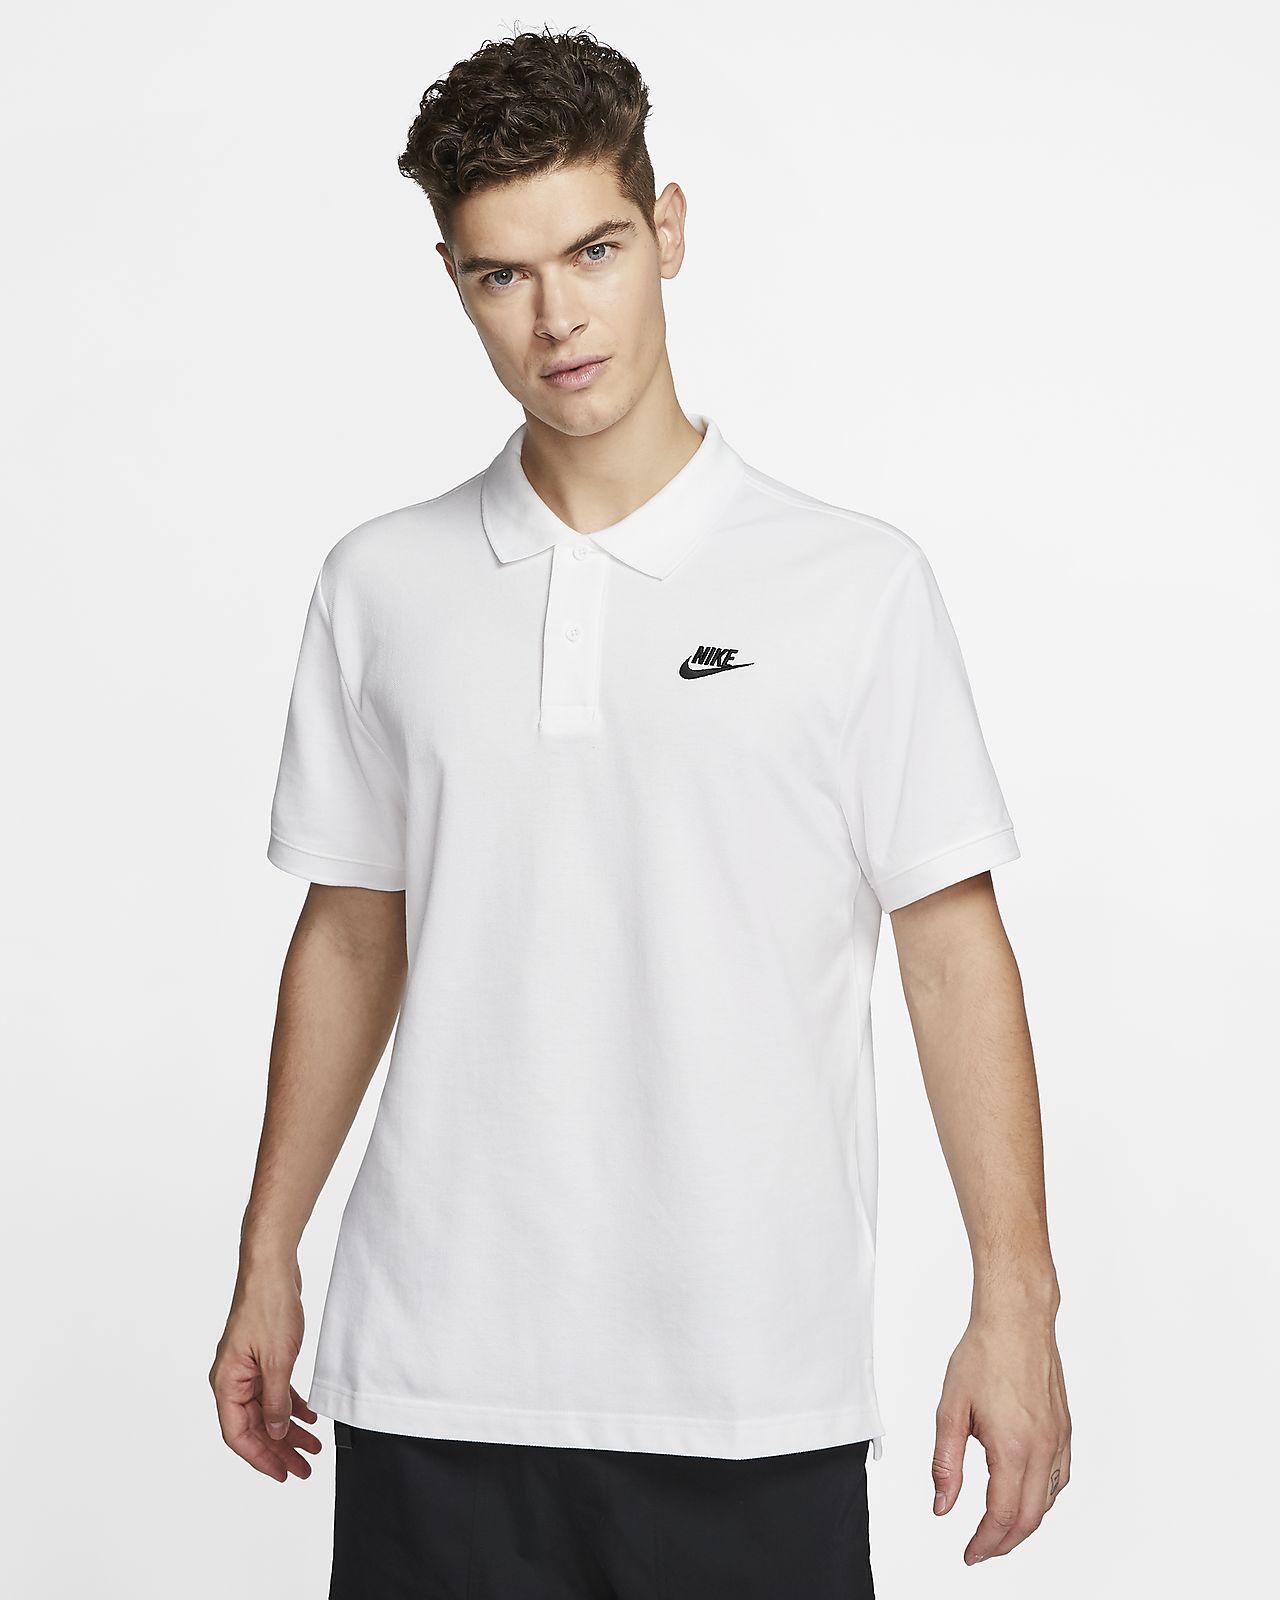 Nike Sportswear 男子翻领T恤